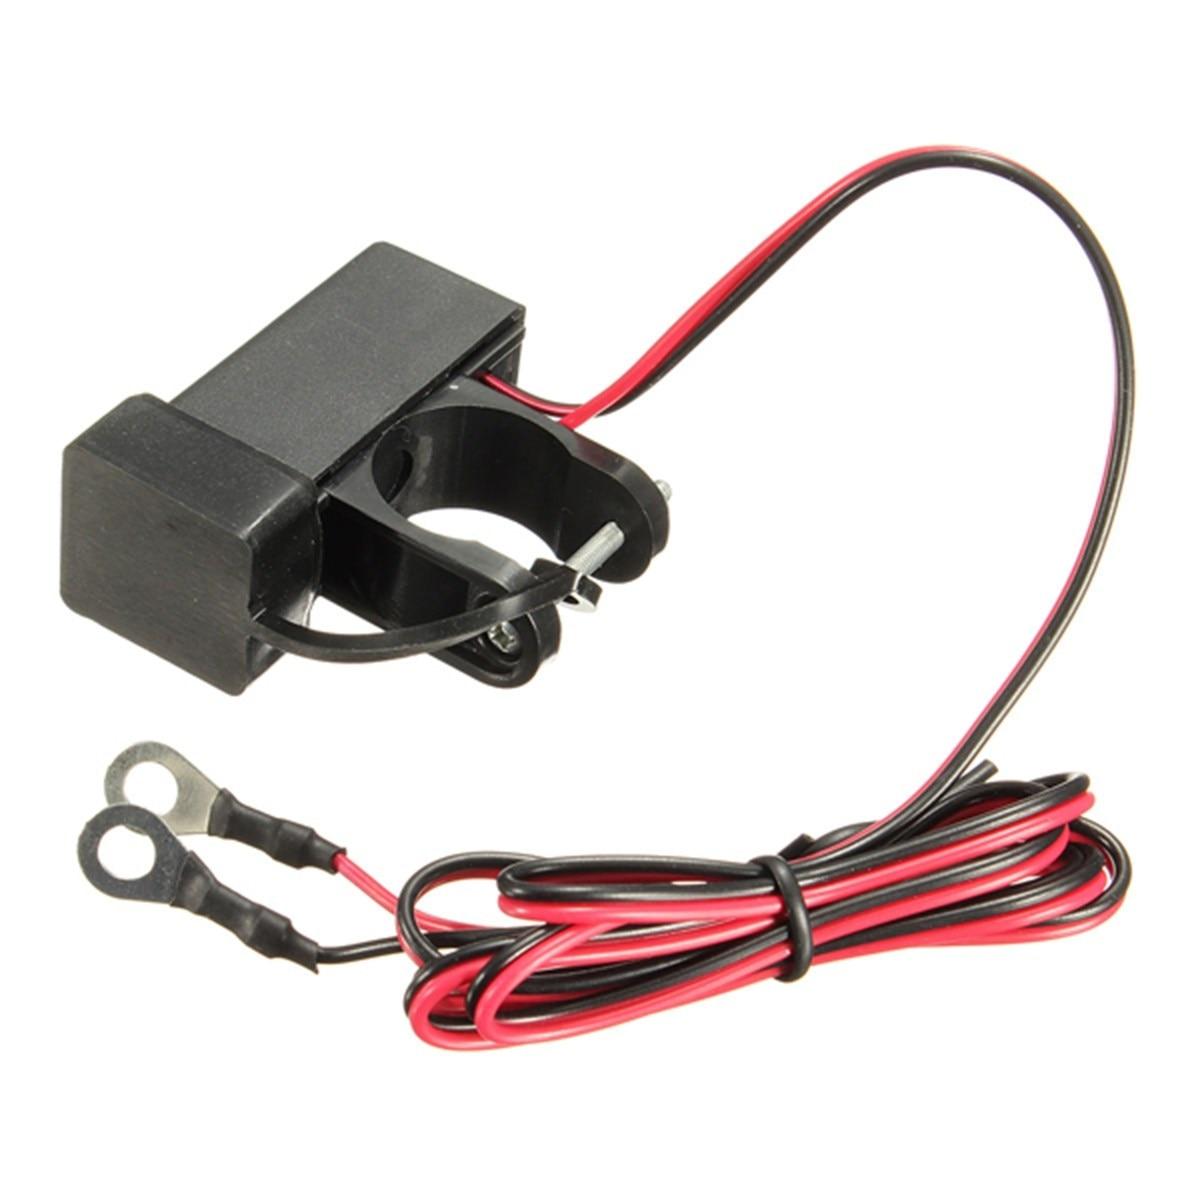 22mm 12V Waterproof Motorcycle Scooter HandleBar USB Charger GPS Phone Charger Power Socket For Honda/Suzuki/Kawasaki